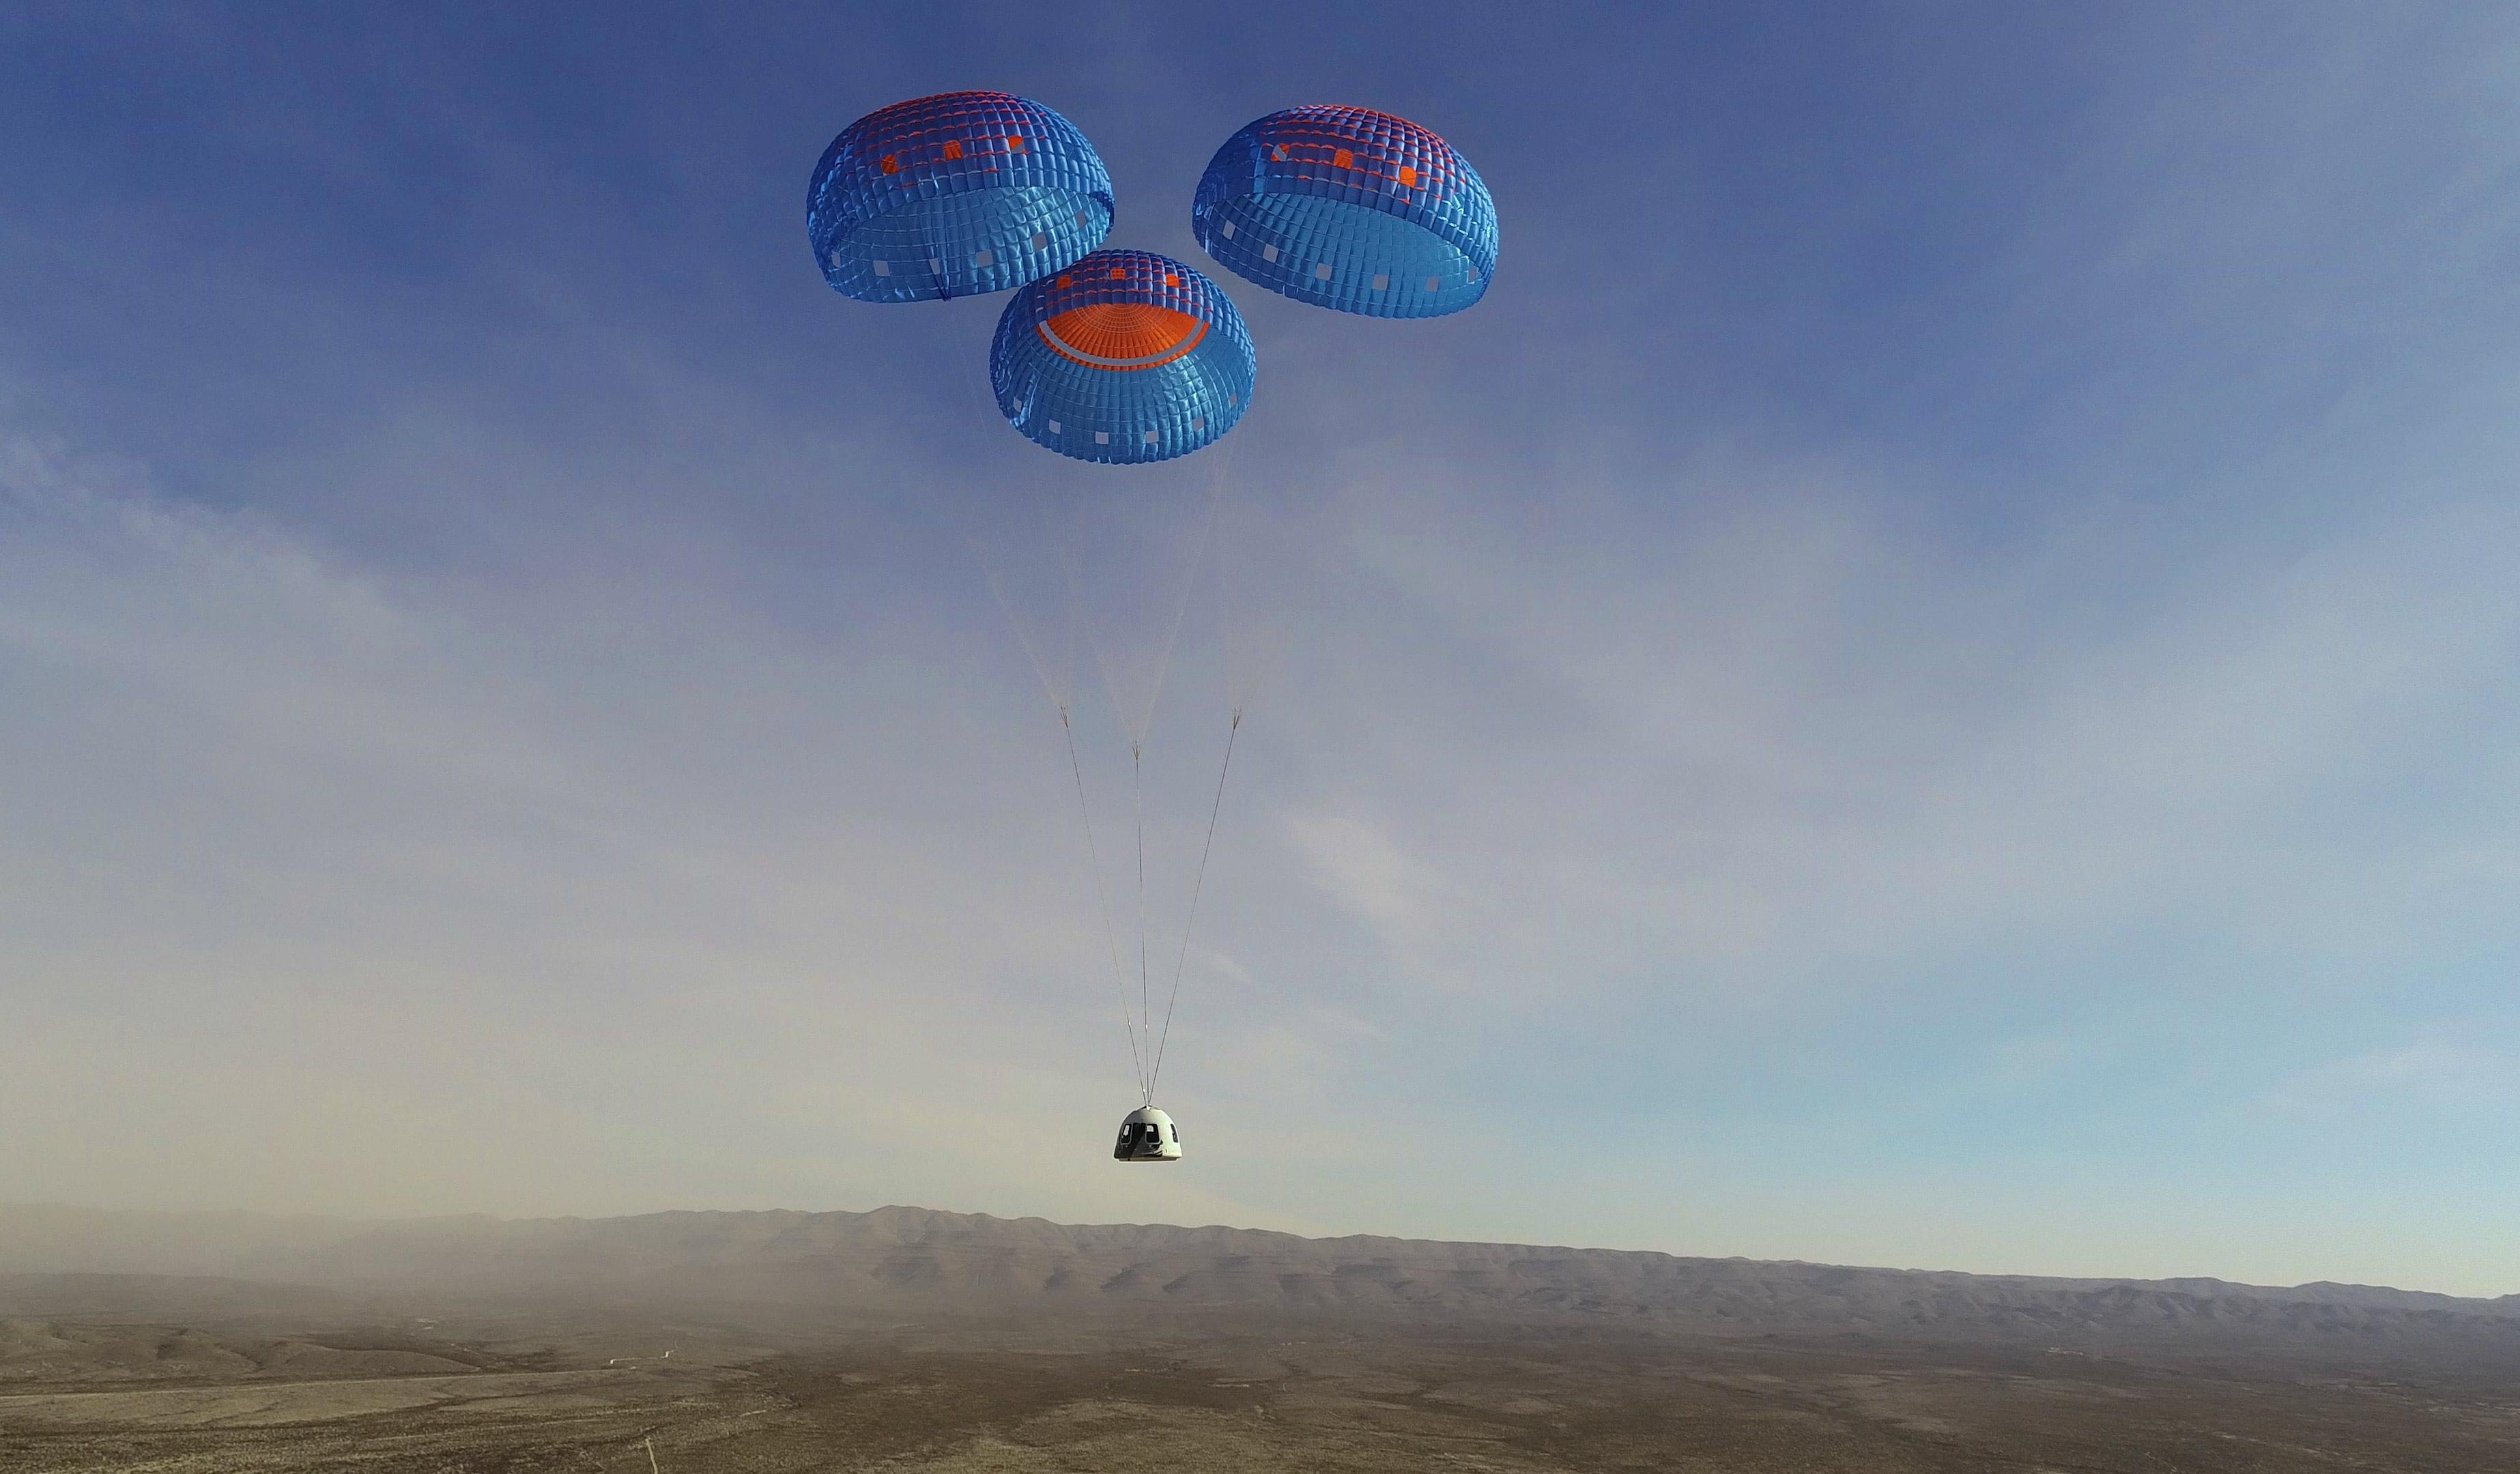 New Shepard fait un « saut de puce » qui la rapproche des vols habités